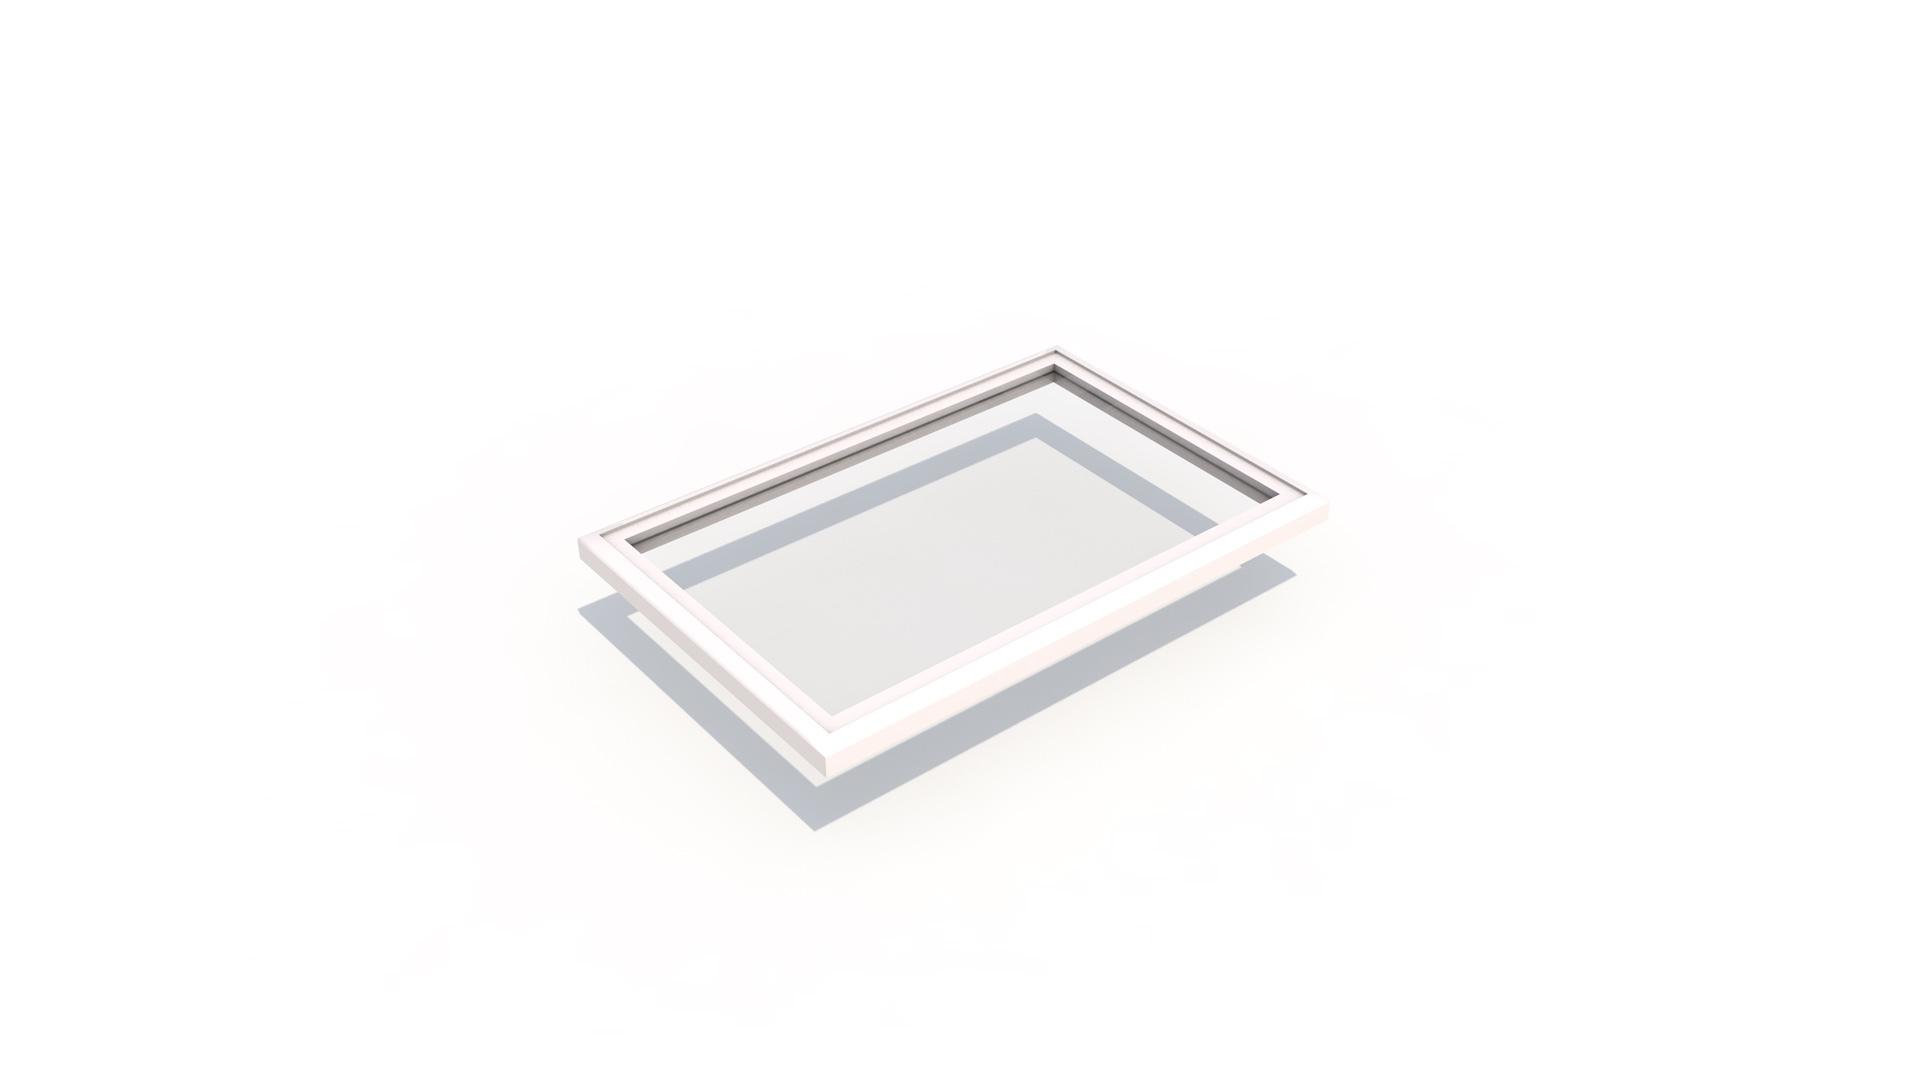 Flat 1m x 1.5m - Flat Skylight